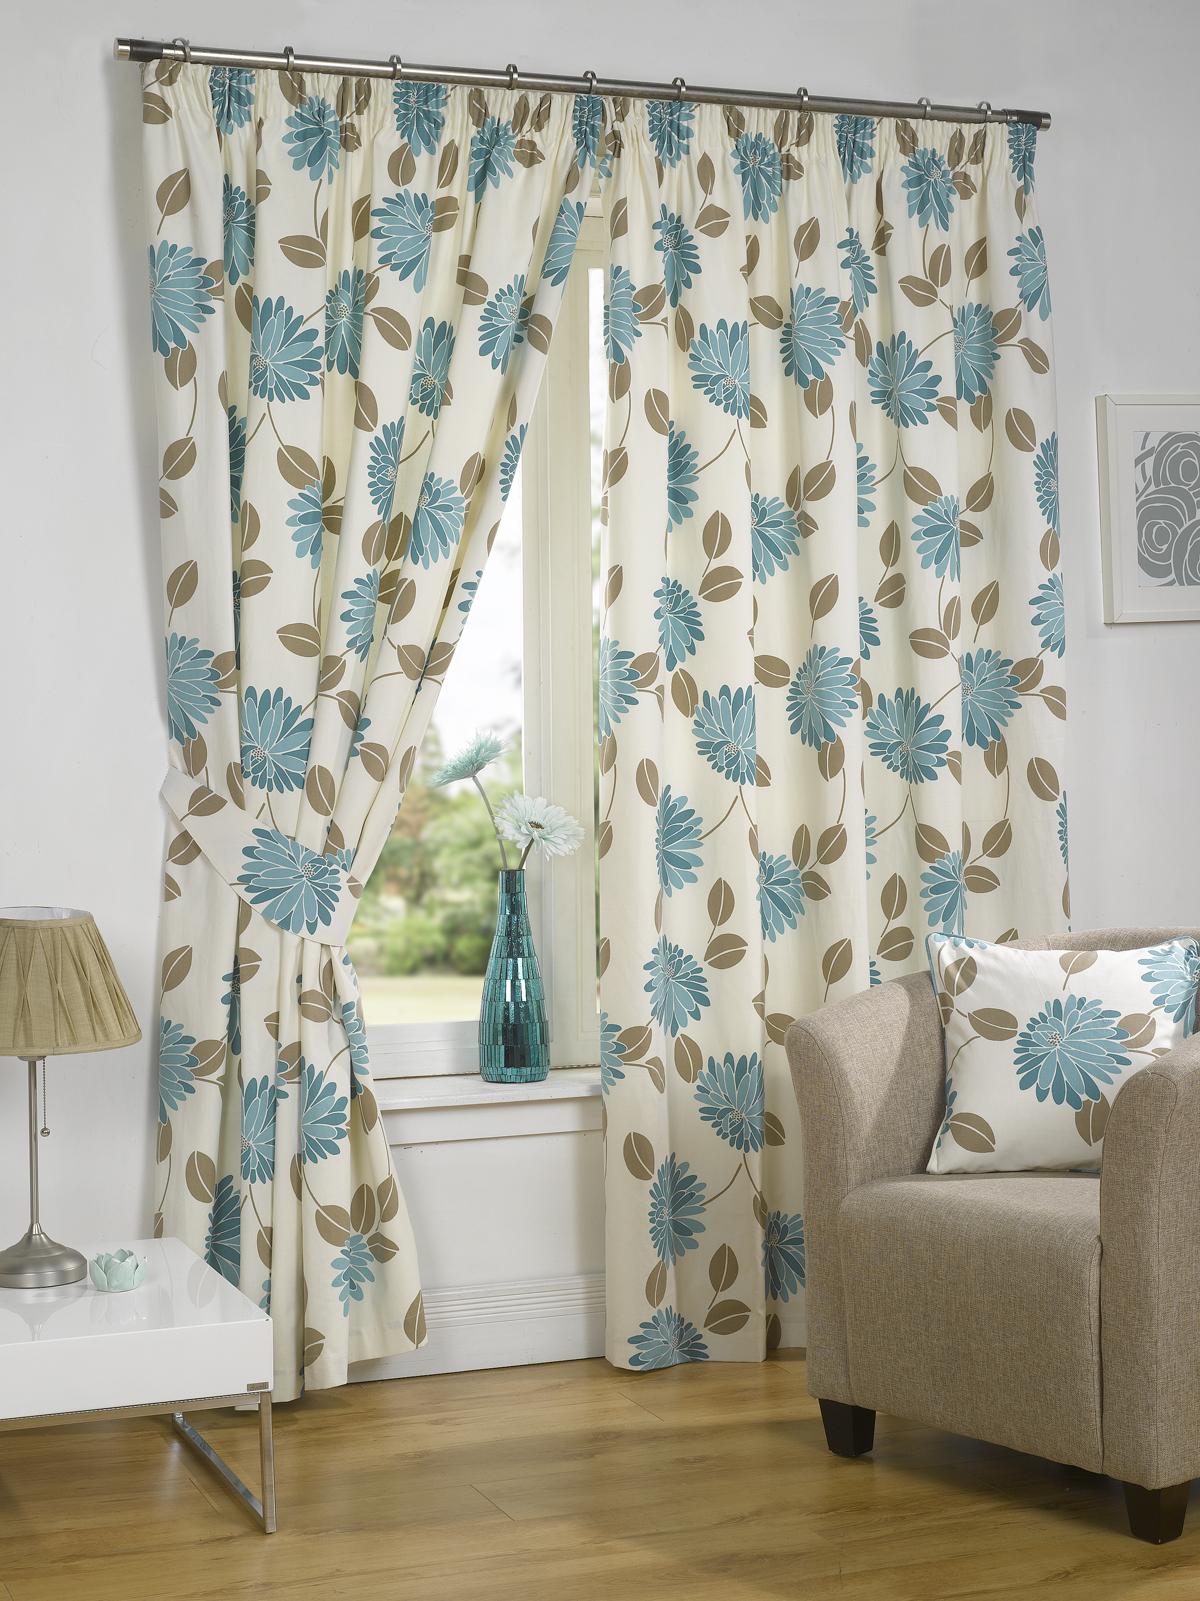 rideaux fleuris enti rement doubl s prune et bleu